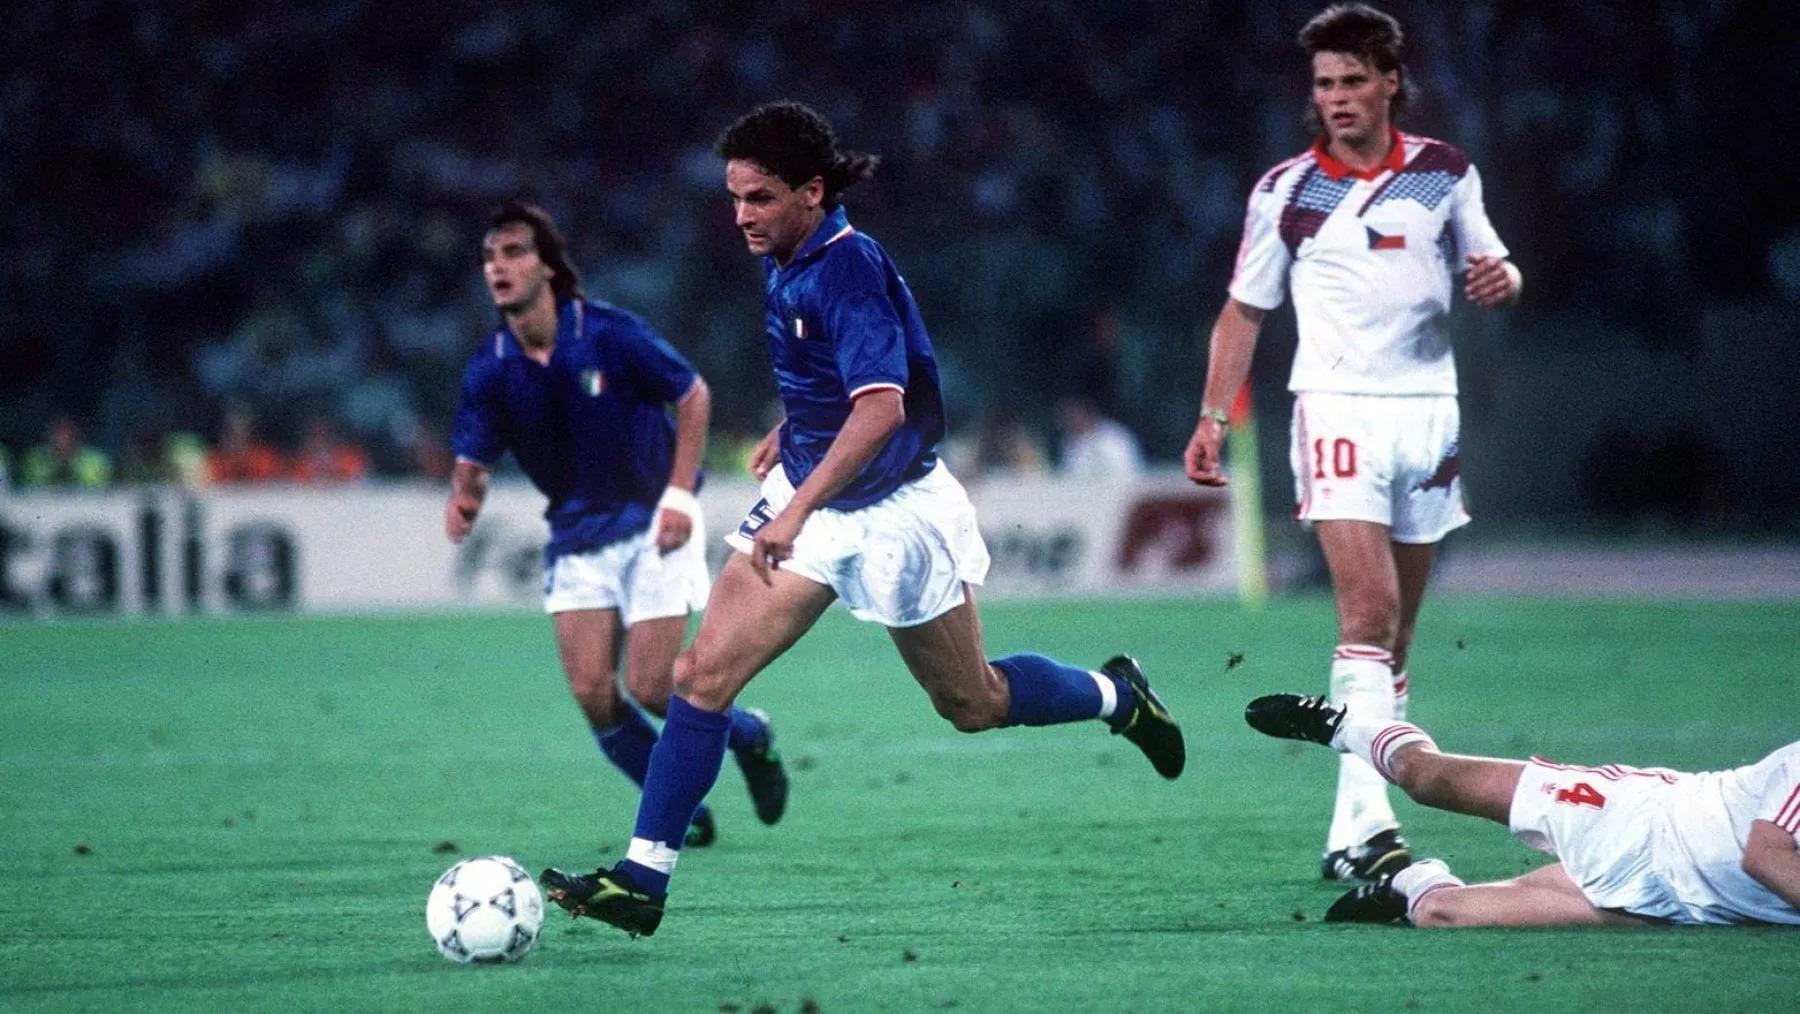 (VIDEO) Calcio - Ecco i gol più spettacolari dellultimo